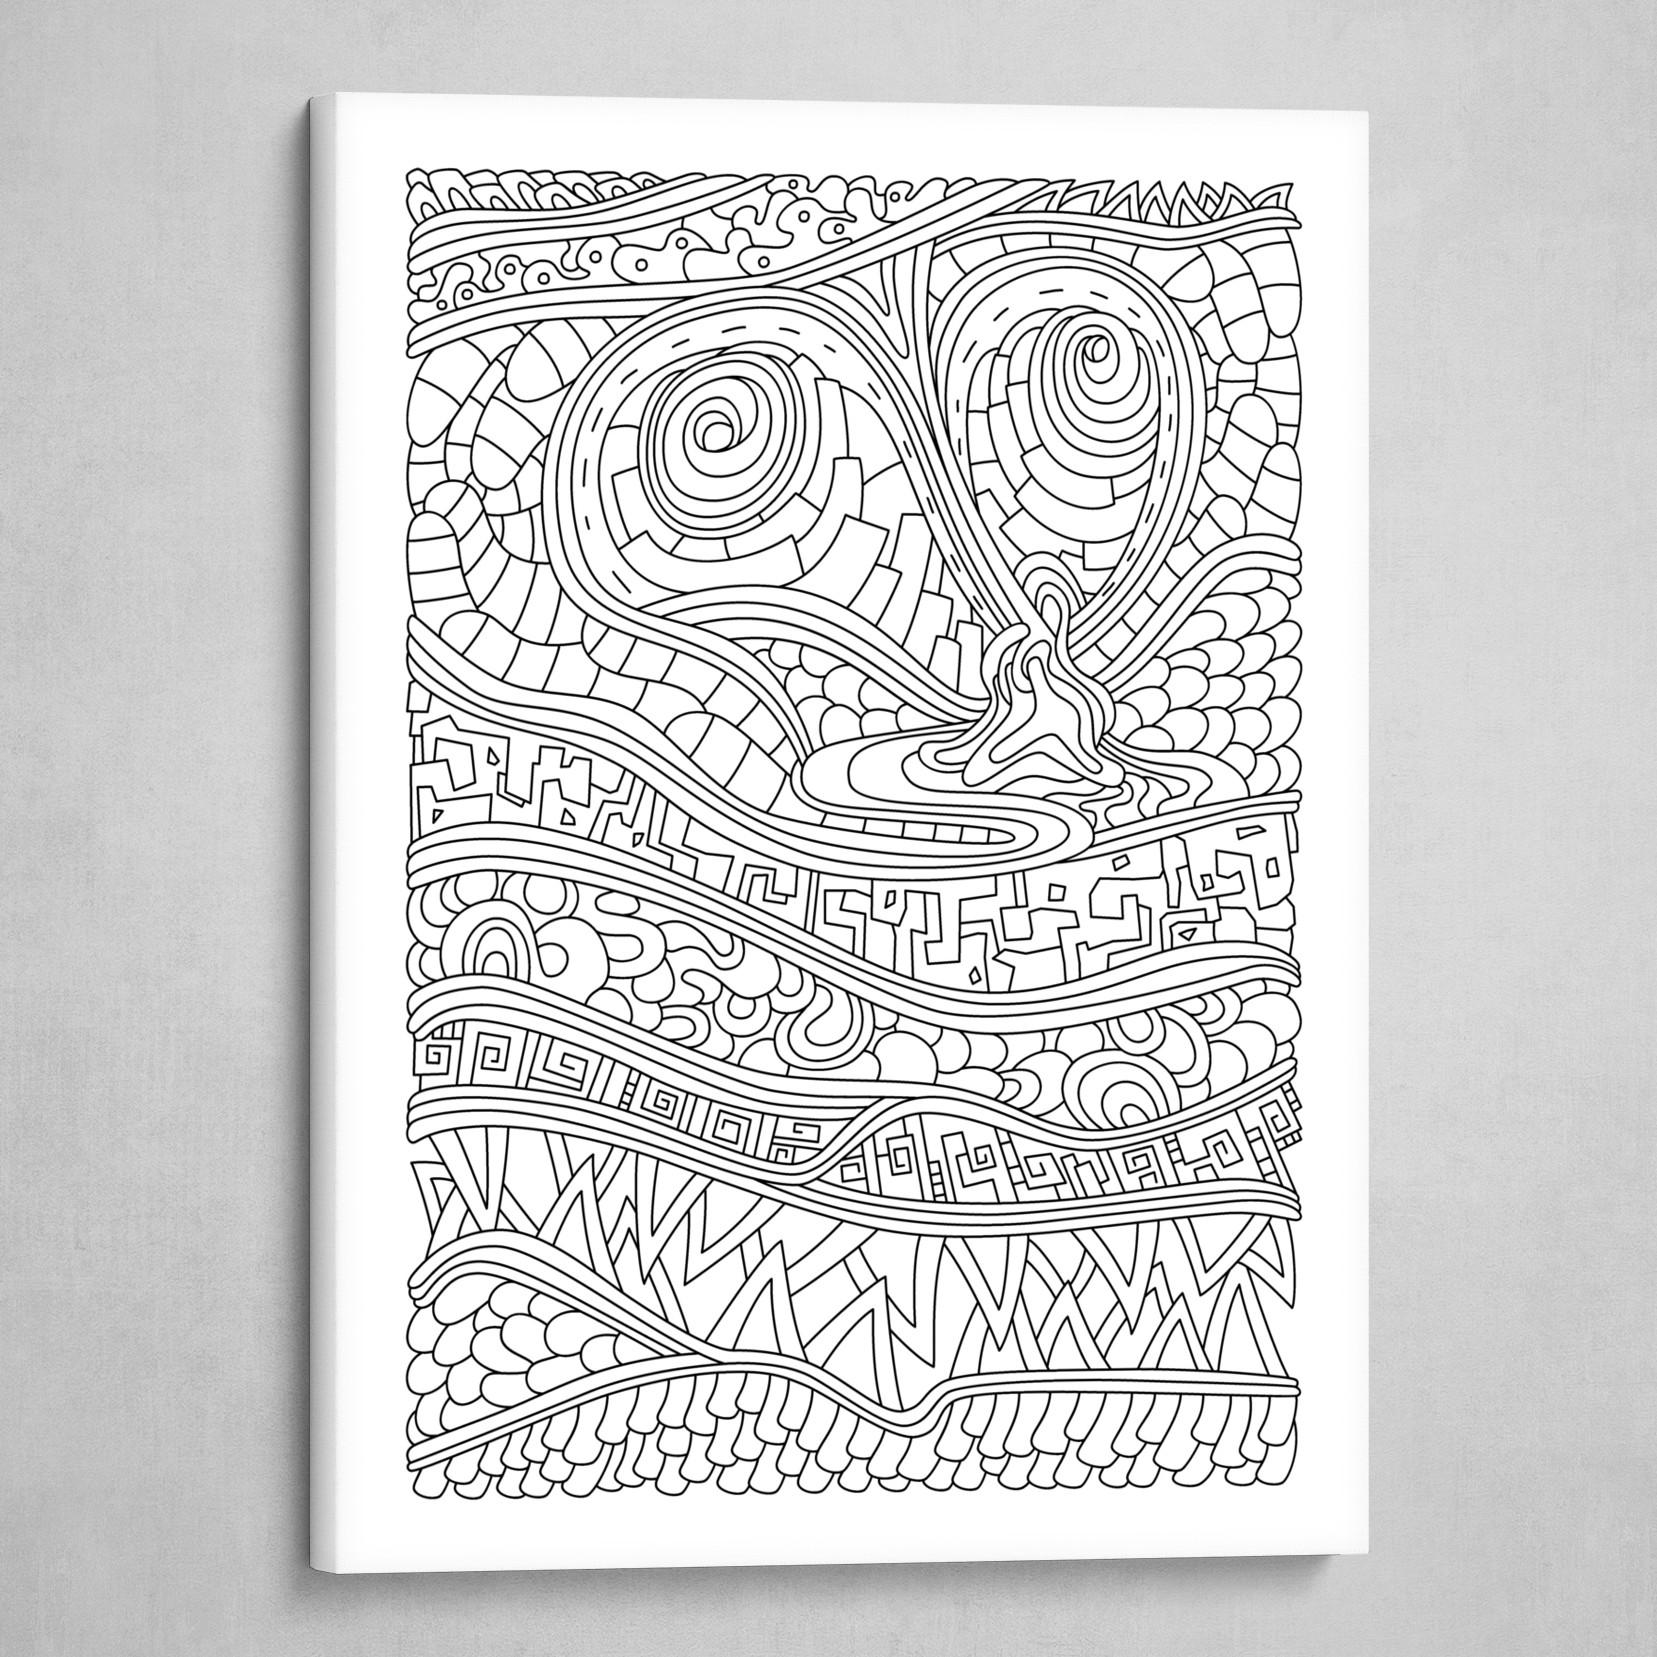 Wandering 03: black & white line art